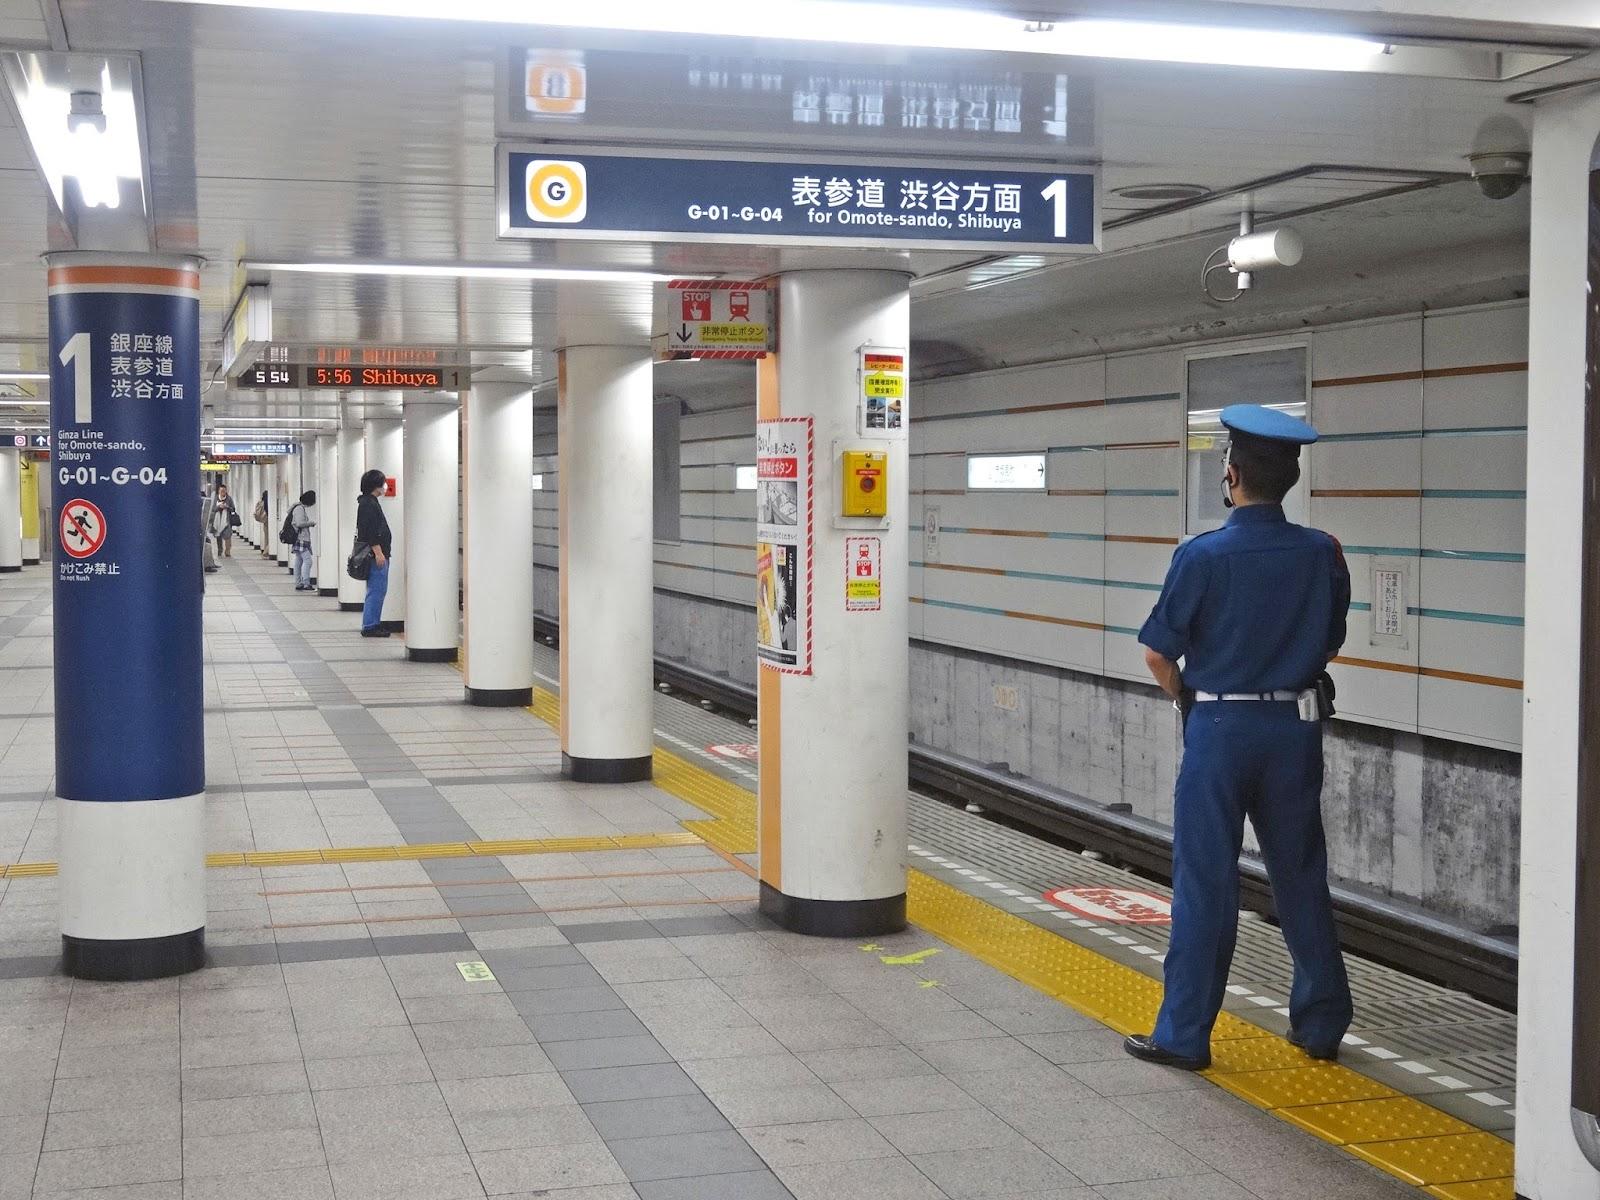 地下鉄,赤坂見附駅〈著作権フリー画像〉Free Stock Photos